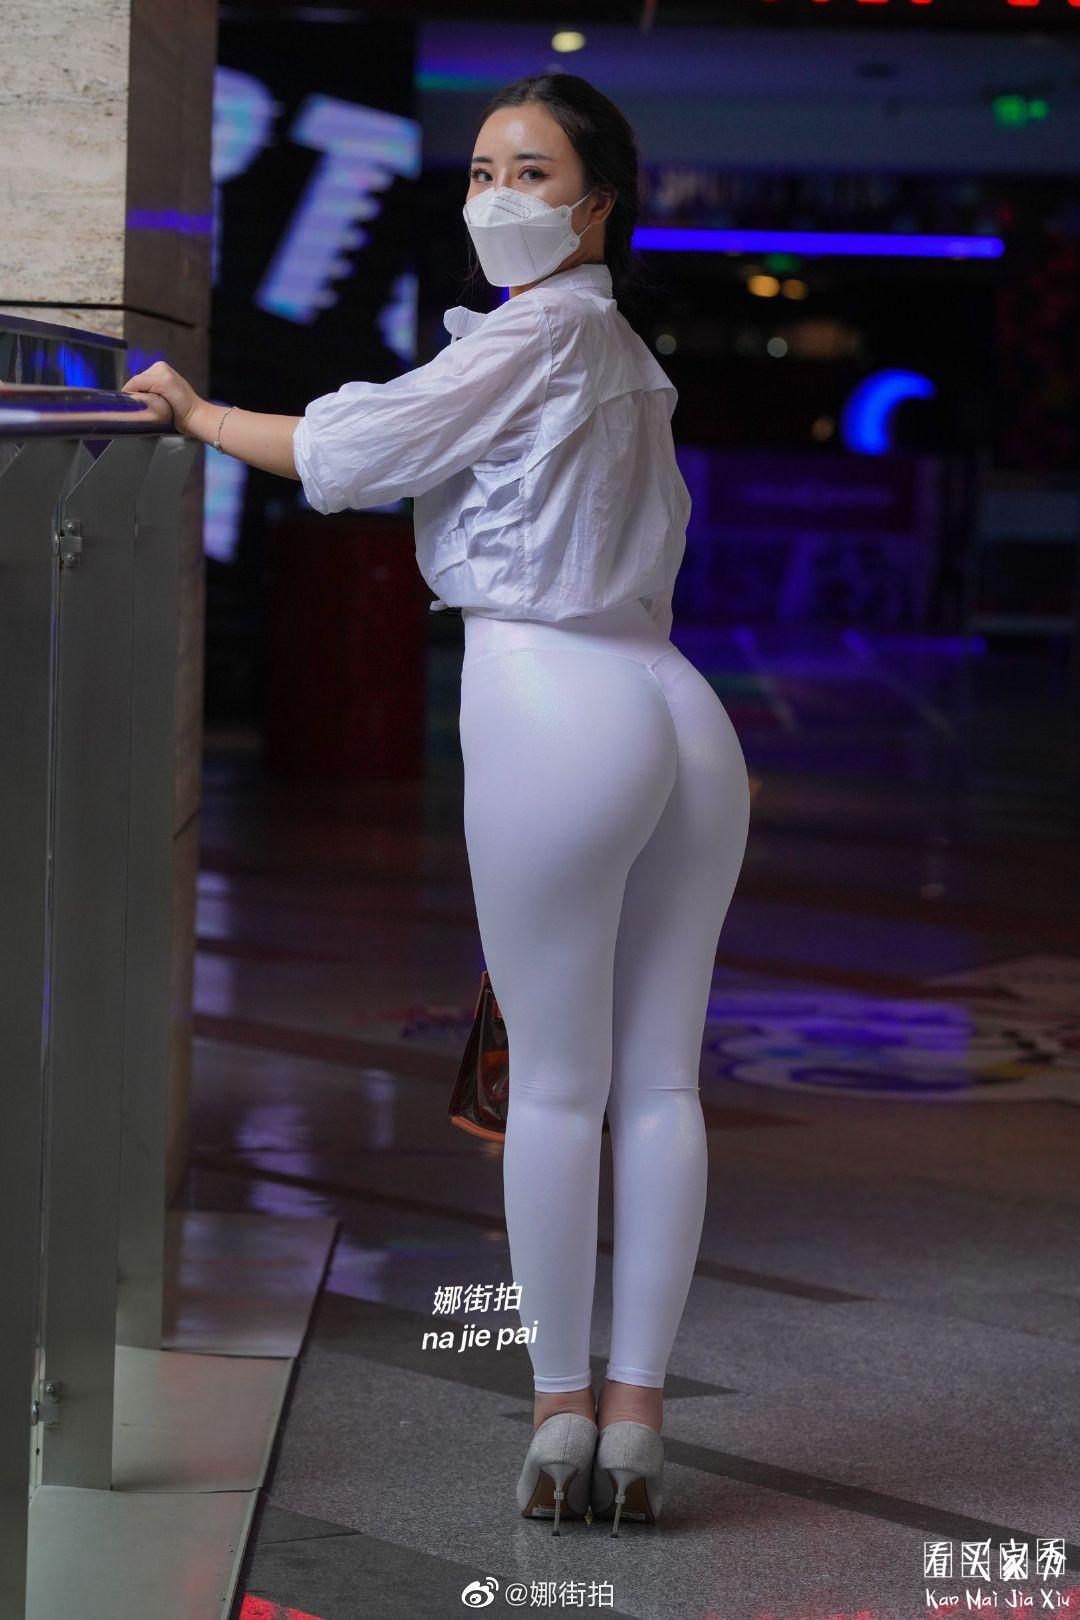 [街拍美女]运动内衣搭配微透明健身裤,简洁好看,美得直截了当9